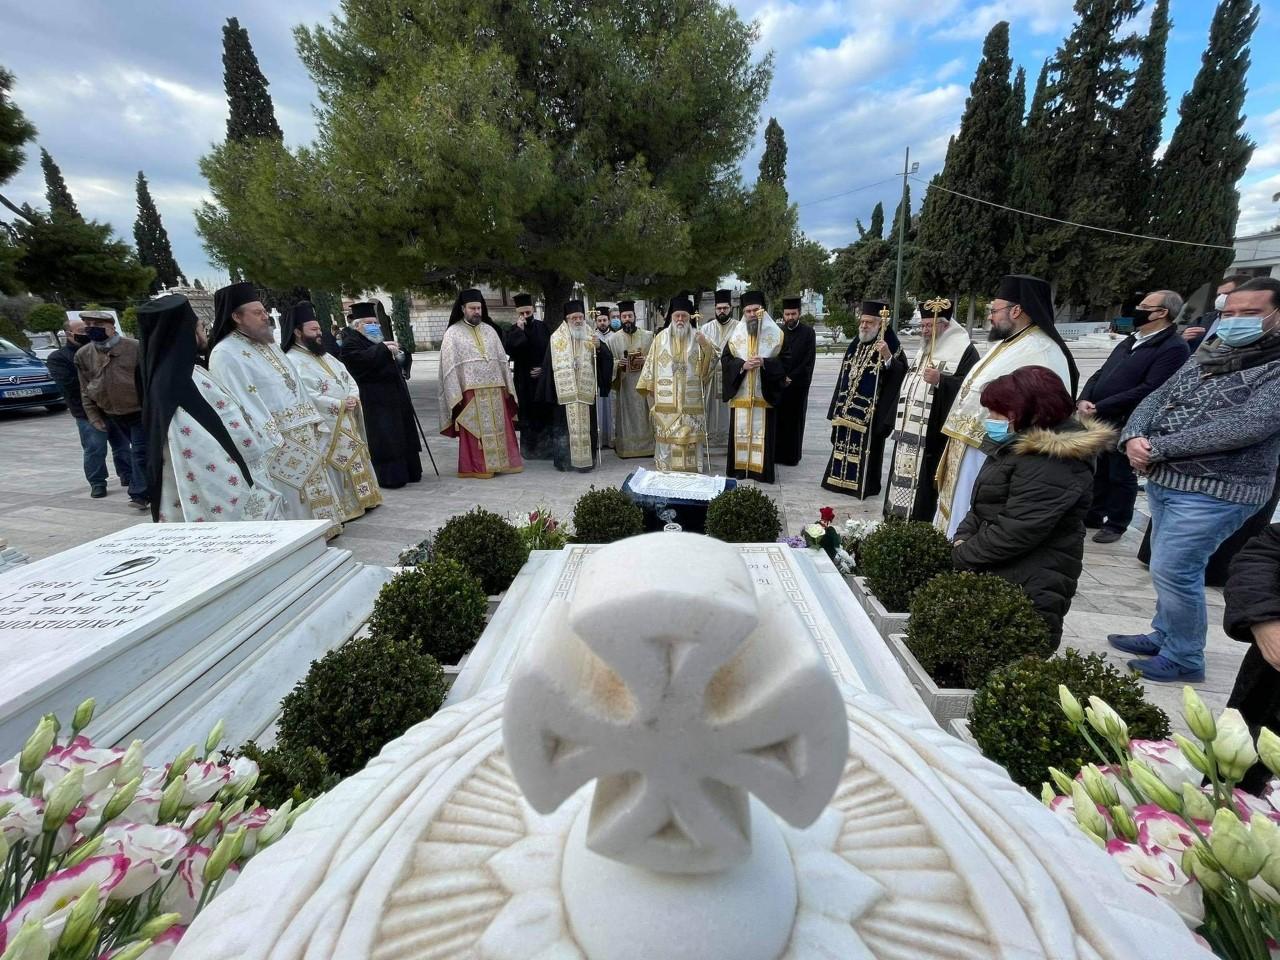 Λειτουργία και μνημόσυνο  για τον «Αρχιεπίσκοπο της καρδιάς μας» τον  Χριστόδουλό μας!